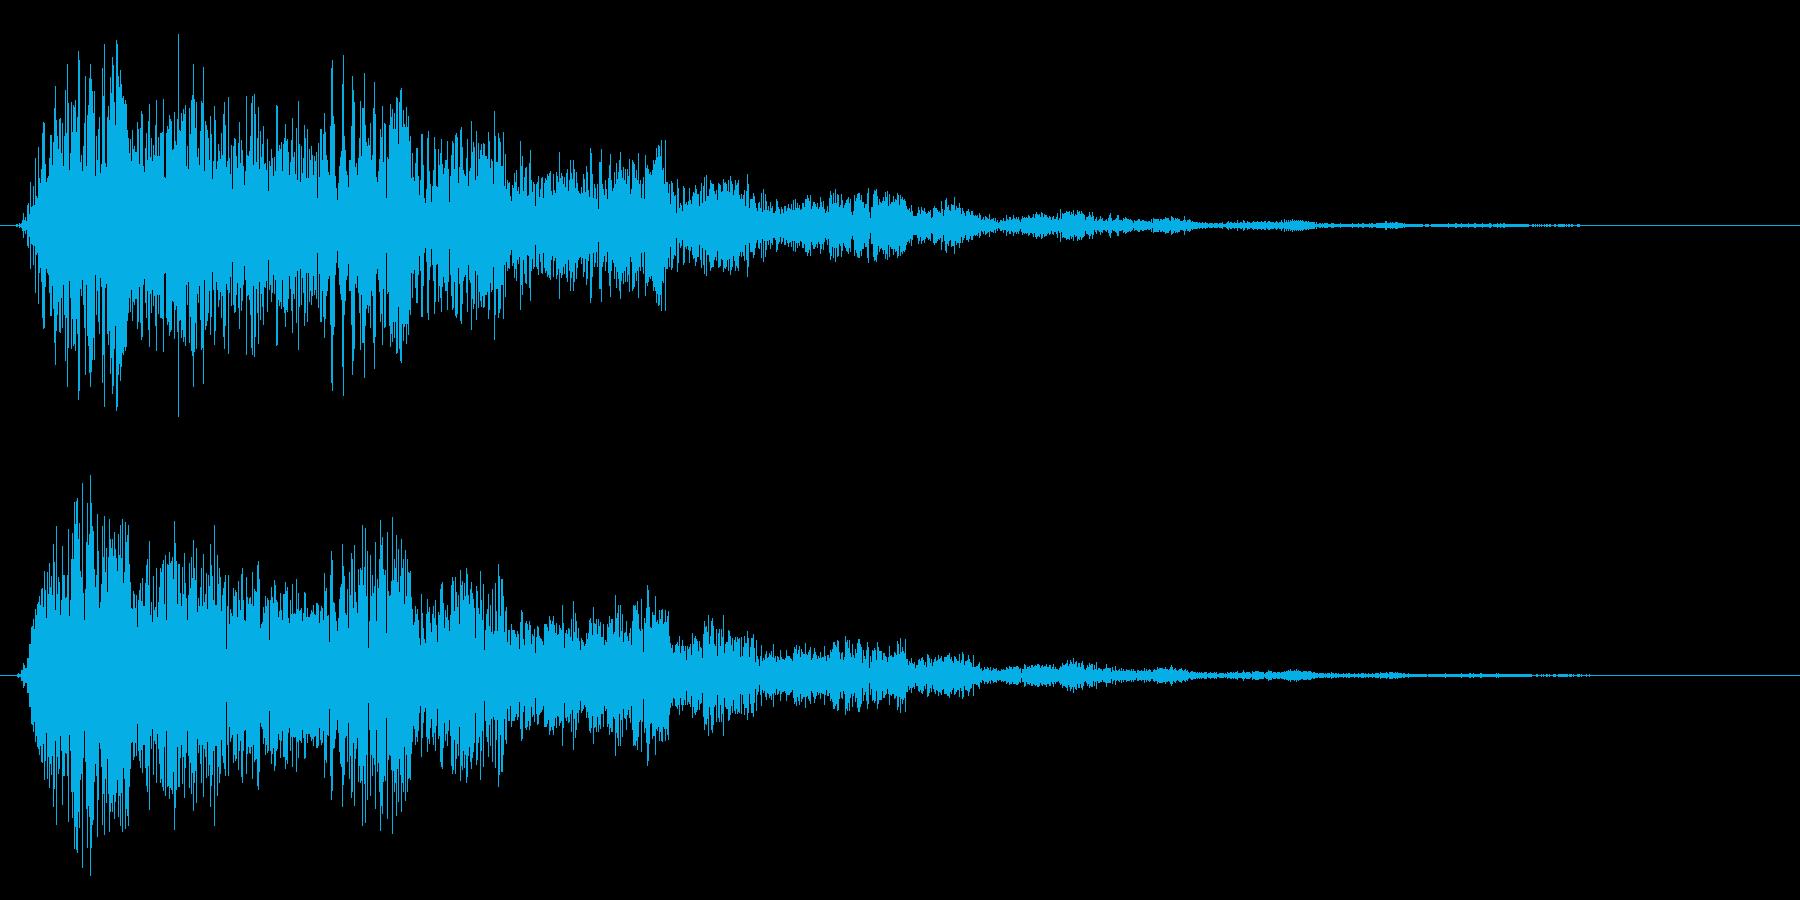 ビョオーンと魔法攻撃などを放ったときの音の再生済みの波形